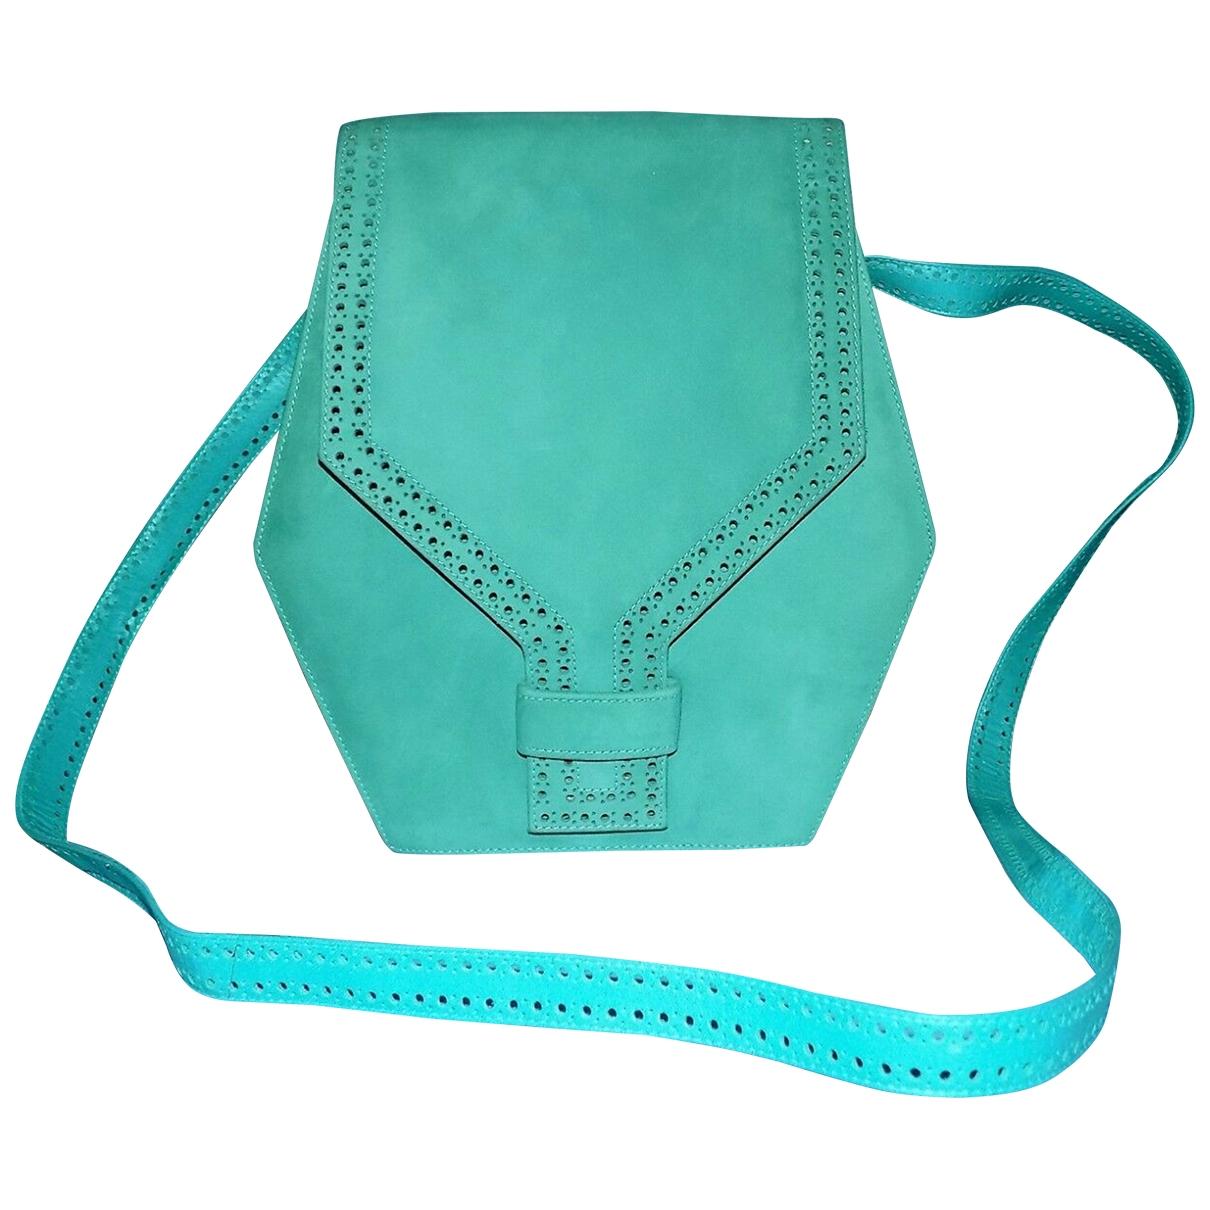 Charles Jourdan \N Green Suede handbag for Women \N